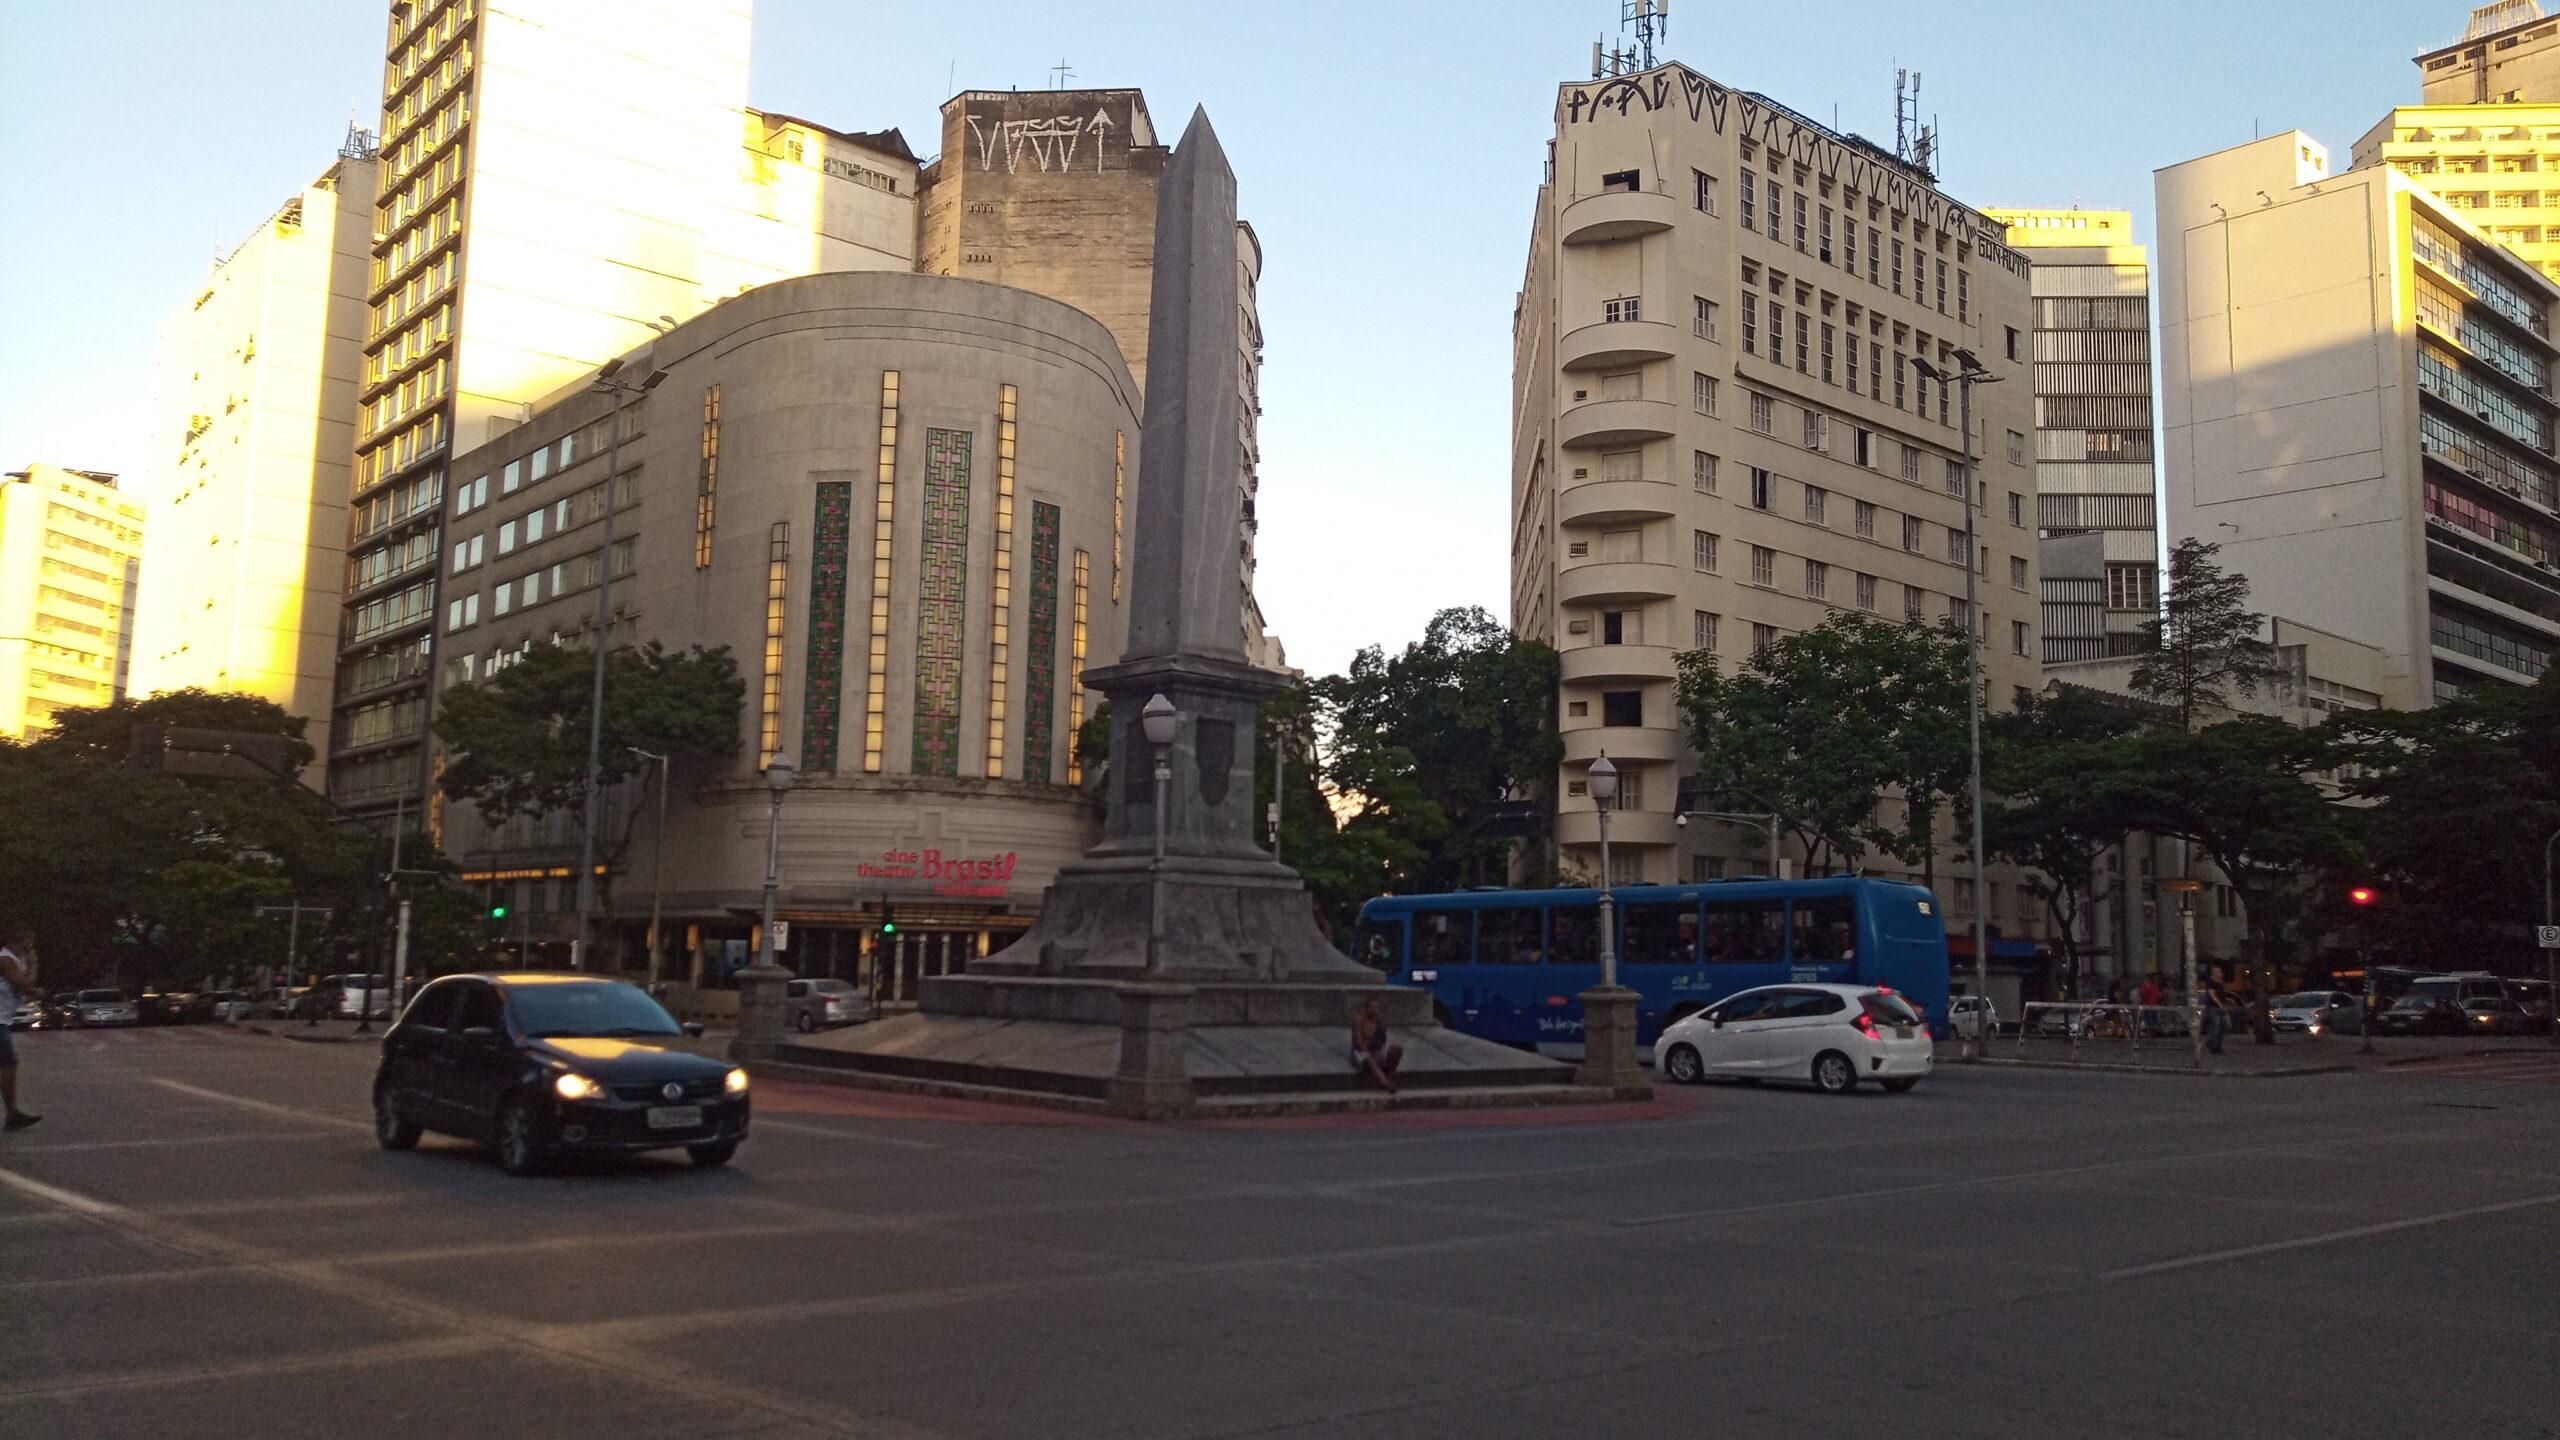 Praça Sete no Centro de Belo Horizonte - Foto: Elberty Valadares/Por Dentro de Minas